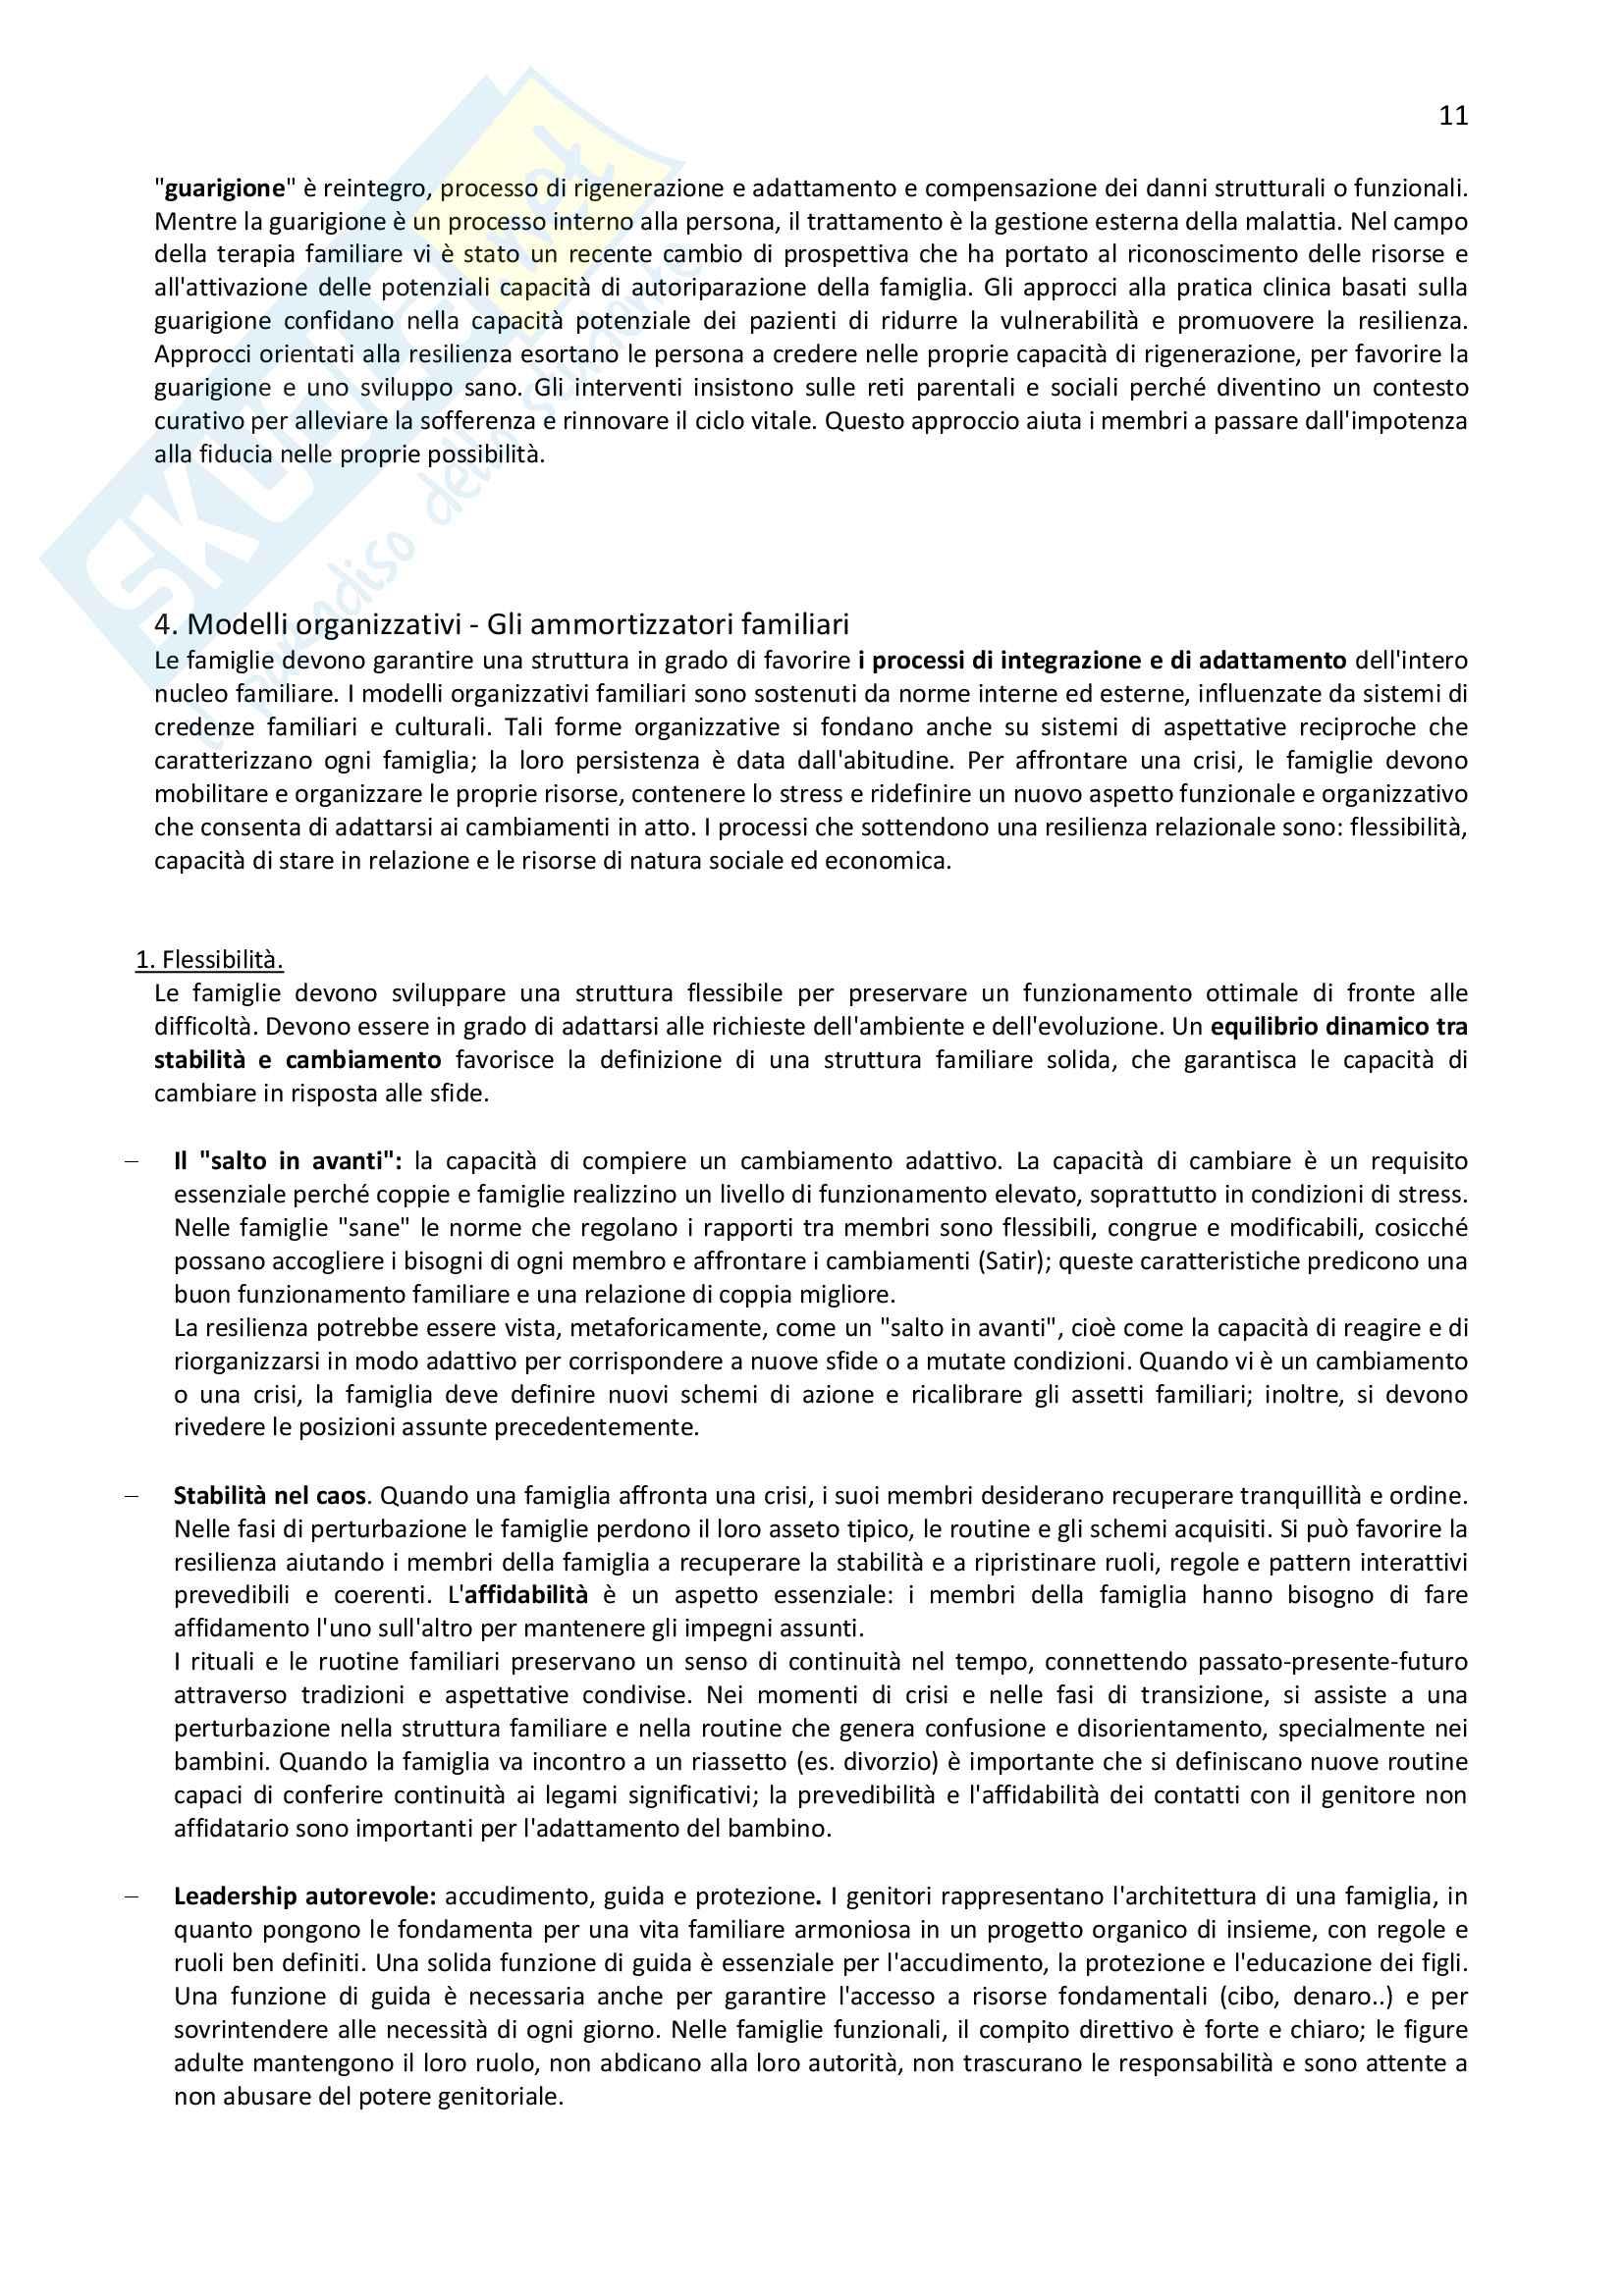 Riassunto per l'esame di Normalità e patologia delle relazioni familiari della prof.ssa Carli, libro consigliato La resilienza familiare Pag. 11